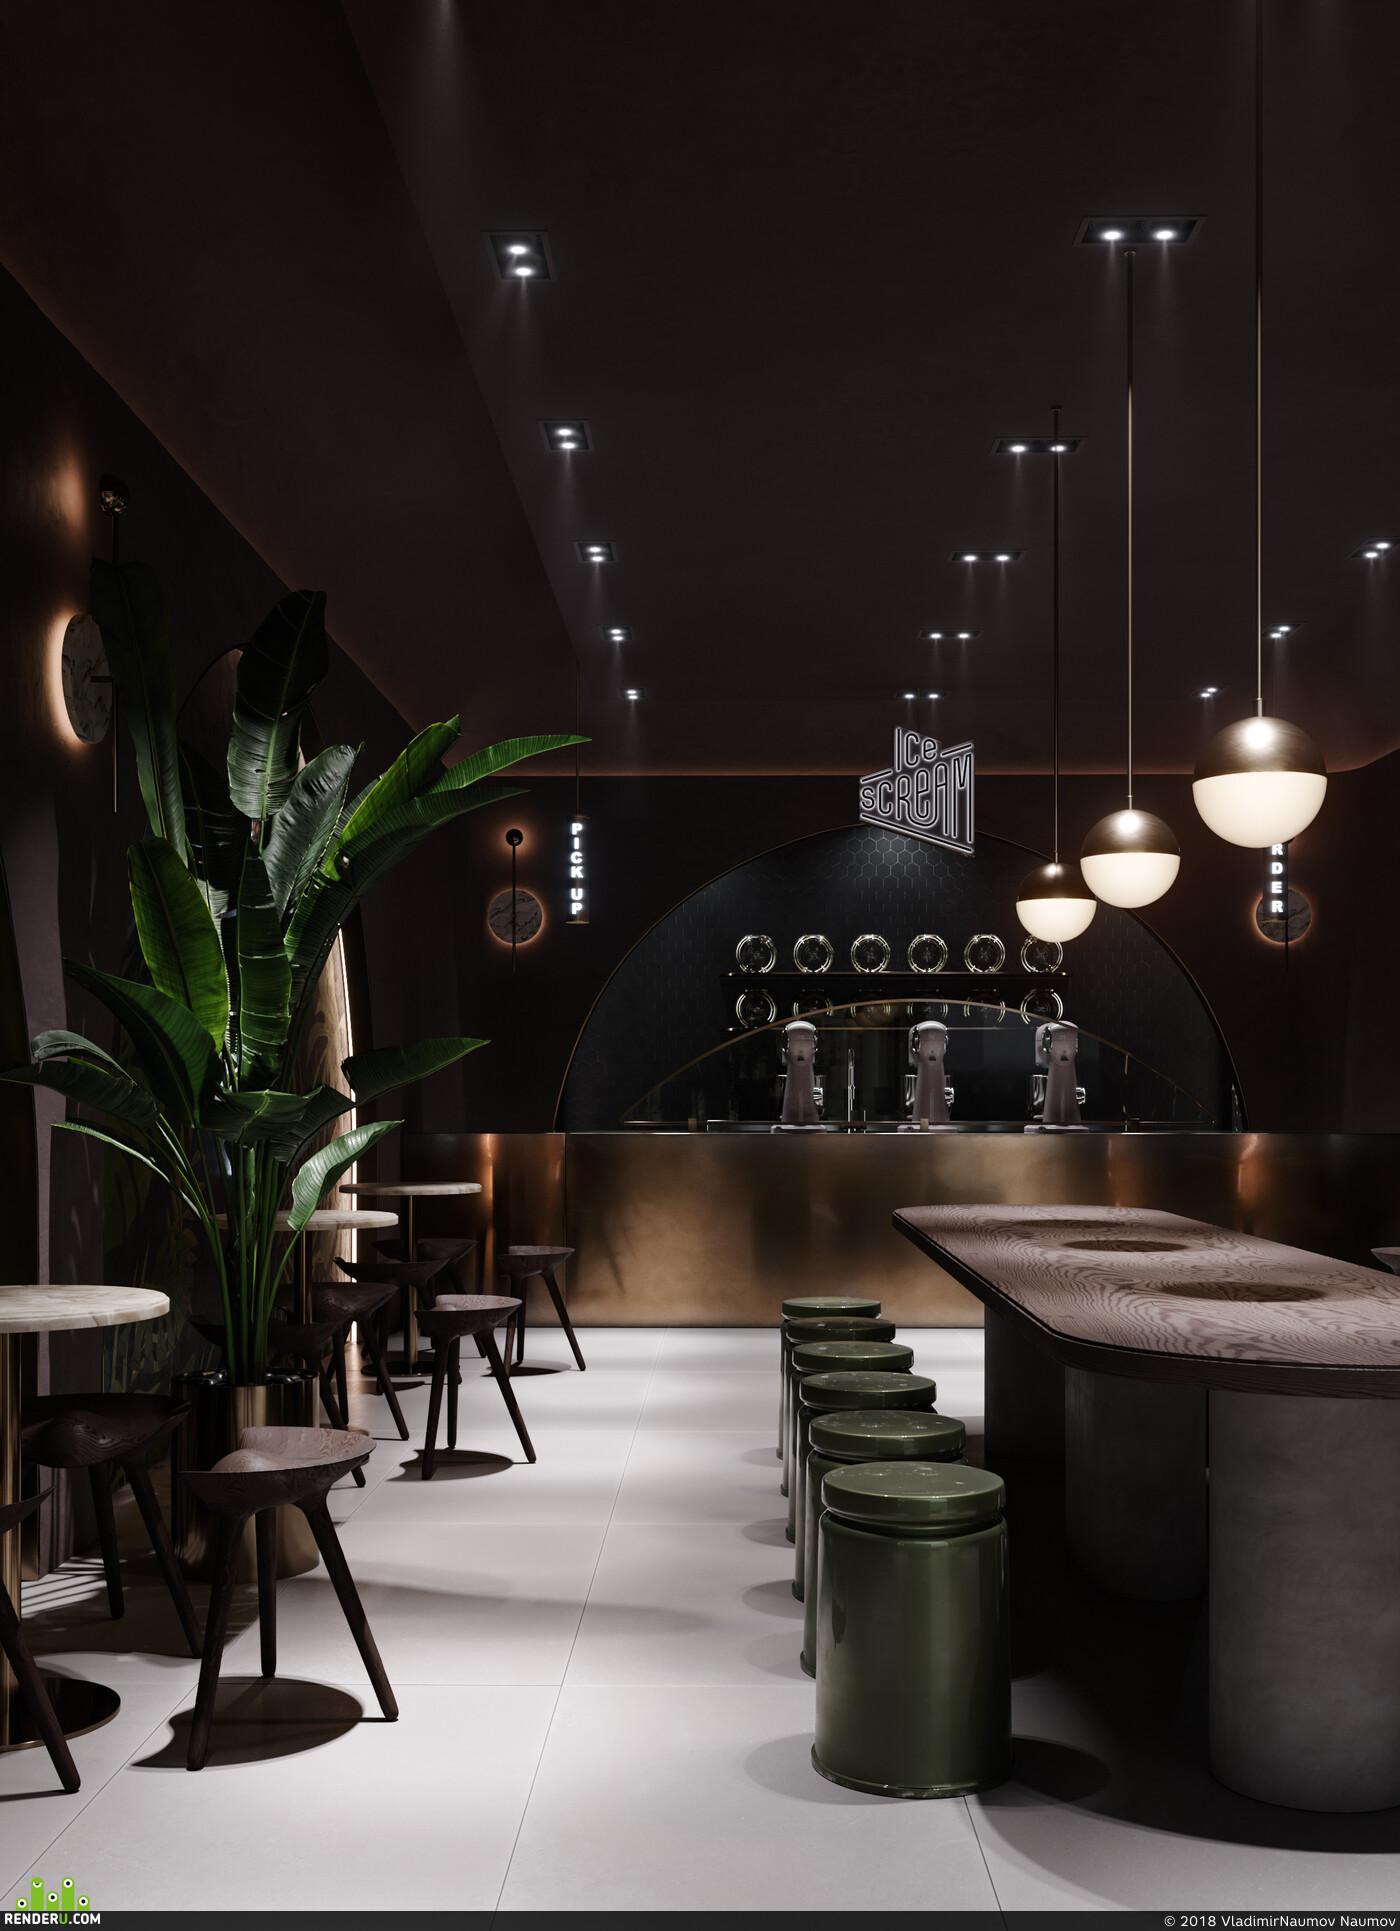 interior design, cafe, restaurant, architect, ice cream